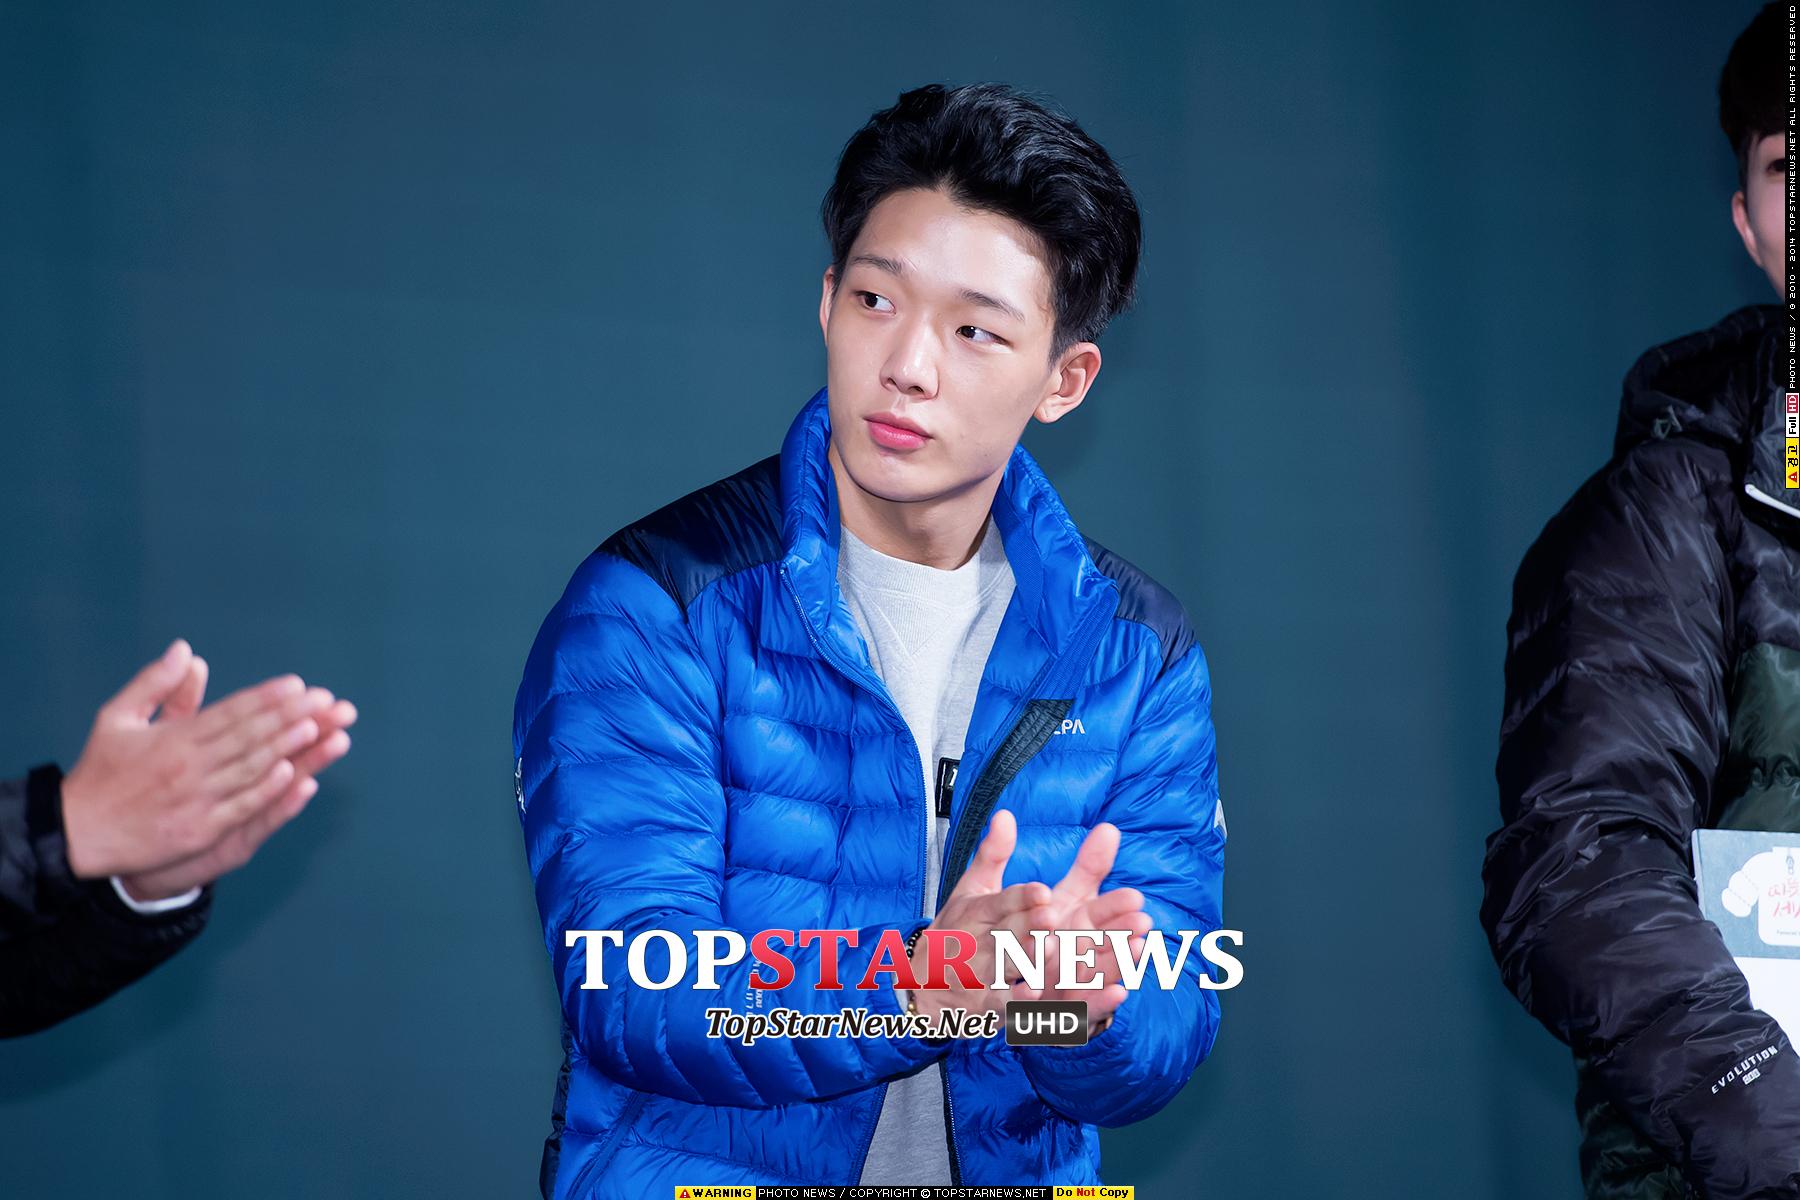 評語:Show Me The Money3中獲得優勝的Bobby,男性Rapping的Actin充足,對於Rap潛能非常大,期待他未來的表現。